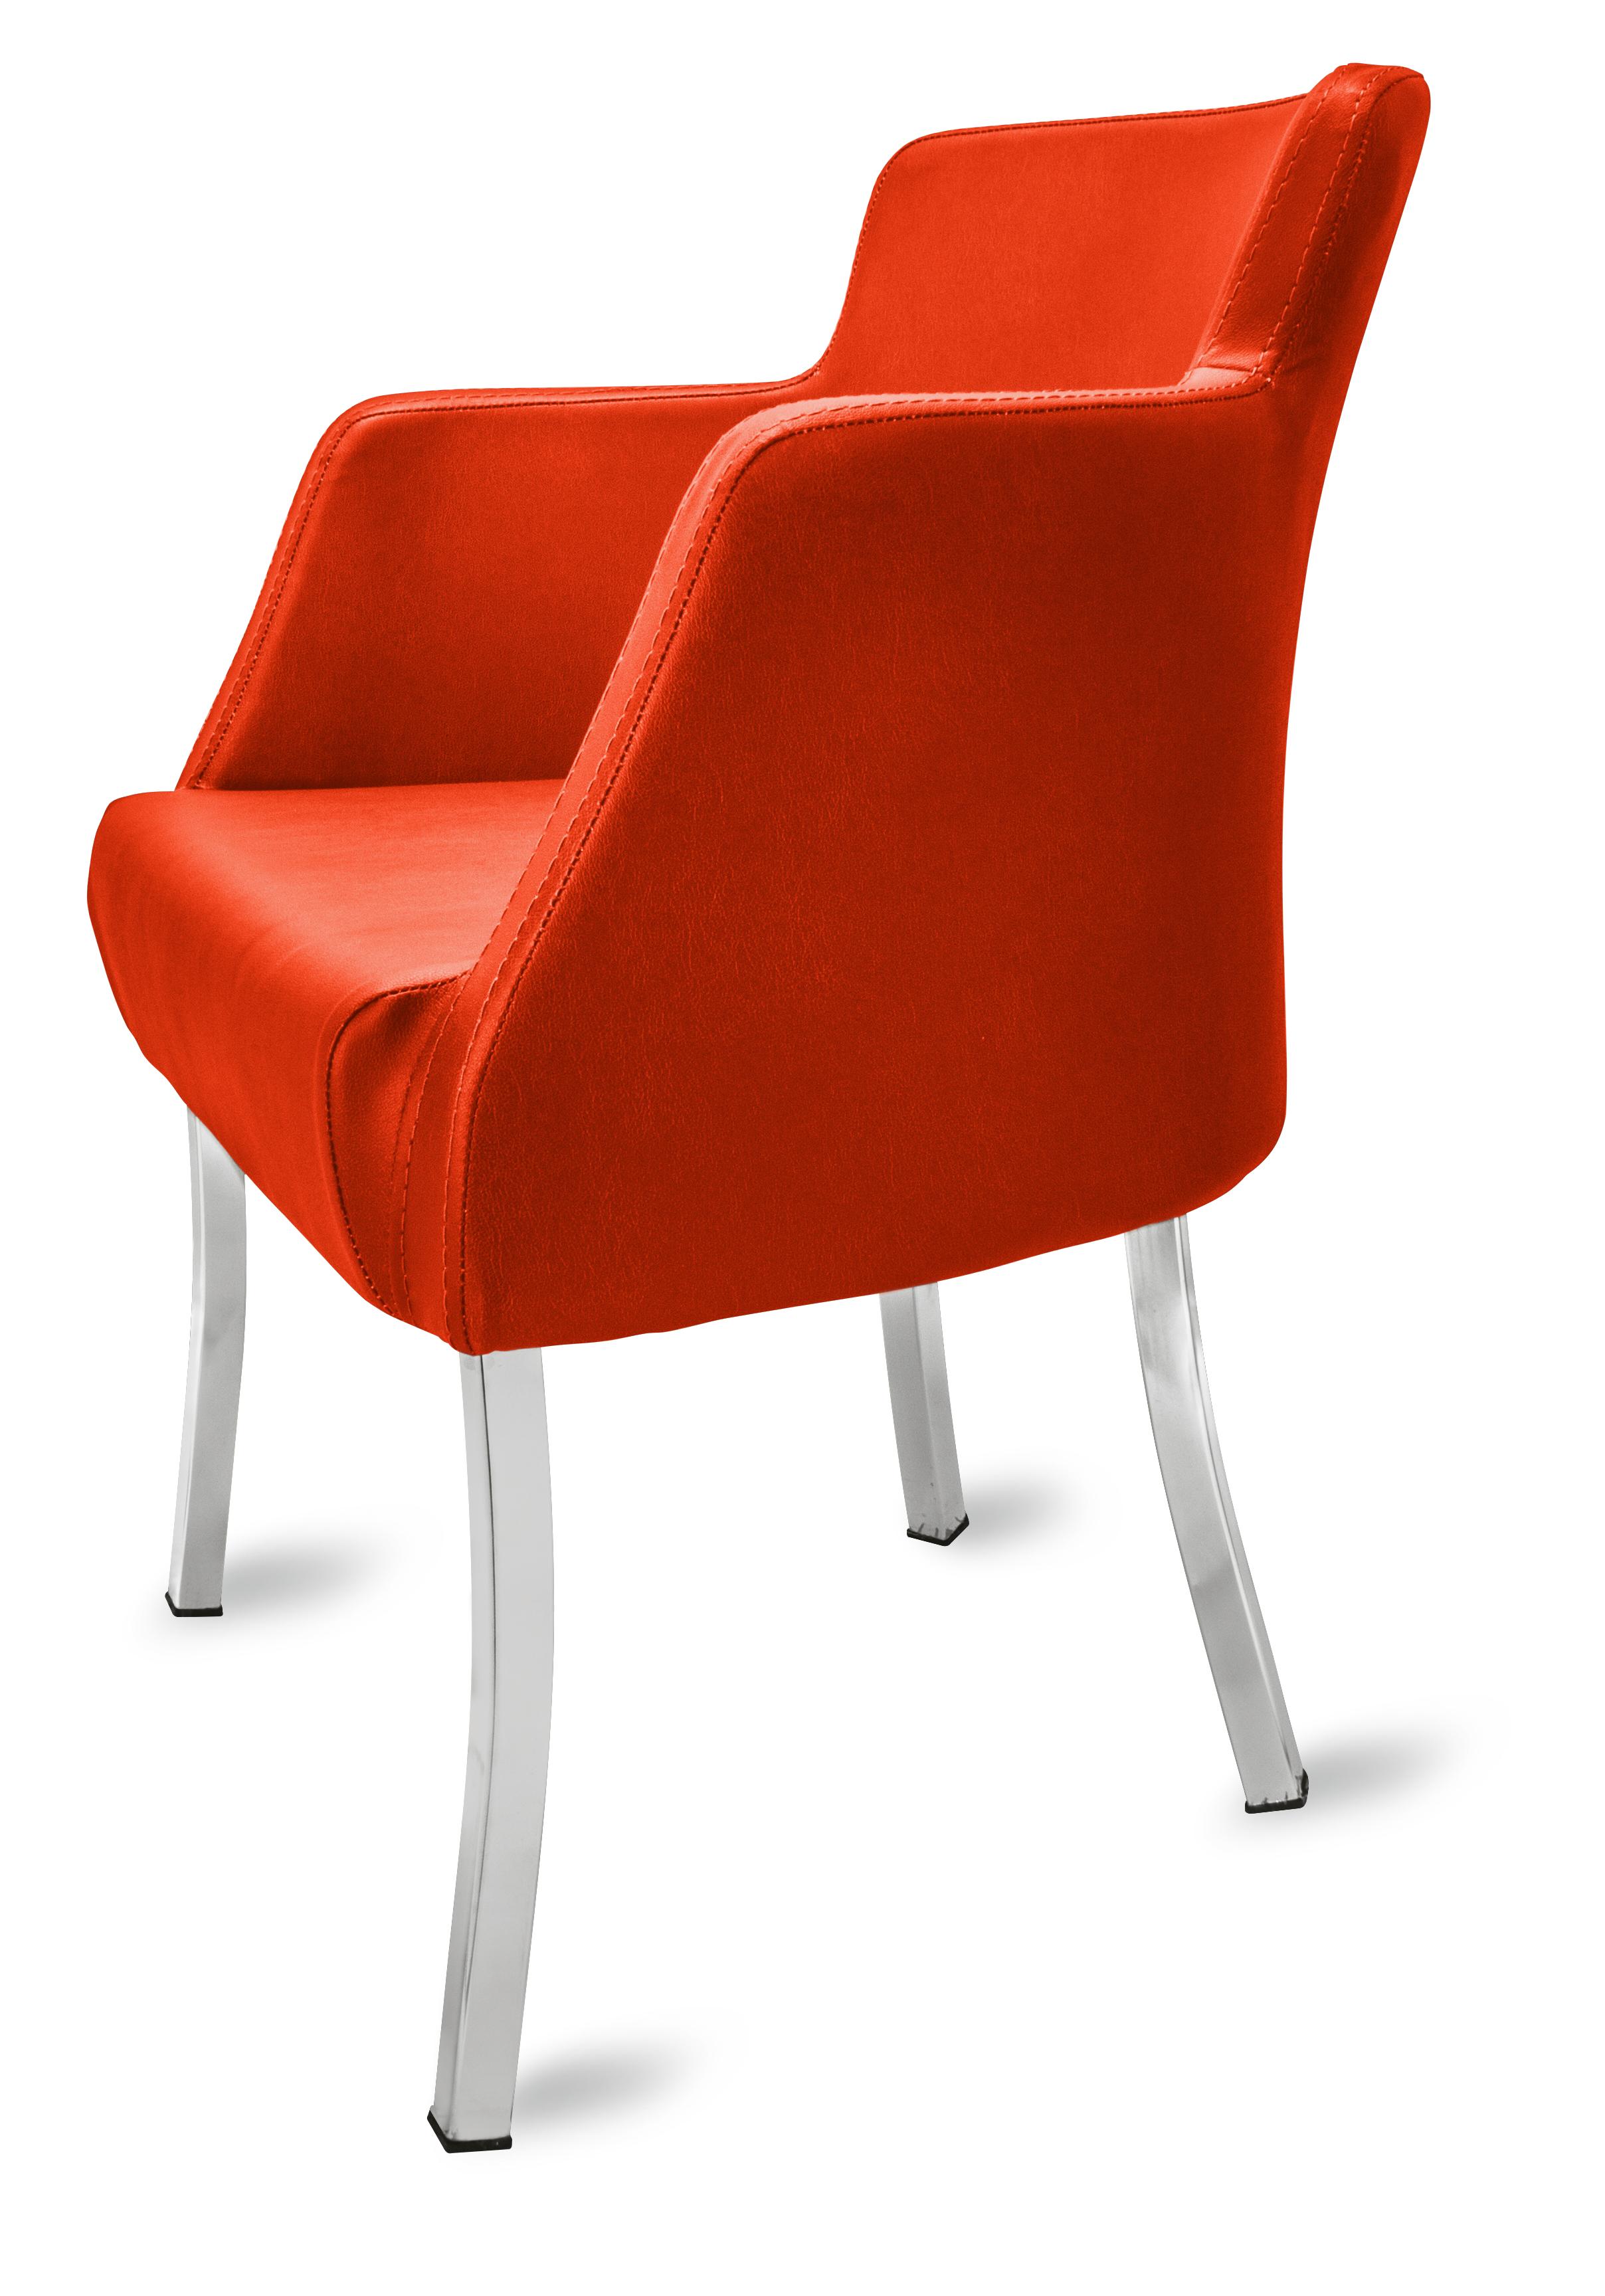 gastro stuhl sessel primo orange g nstig kaufen m bel star. Black Bedroom Furniture Sets. Home Design Ideas